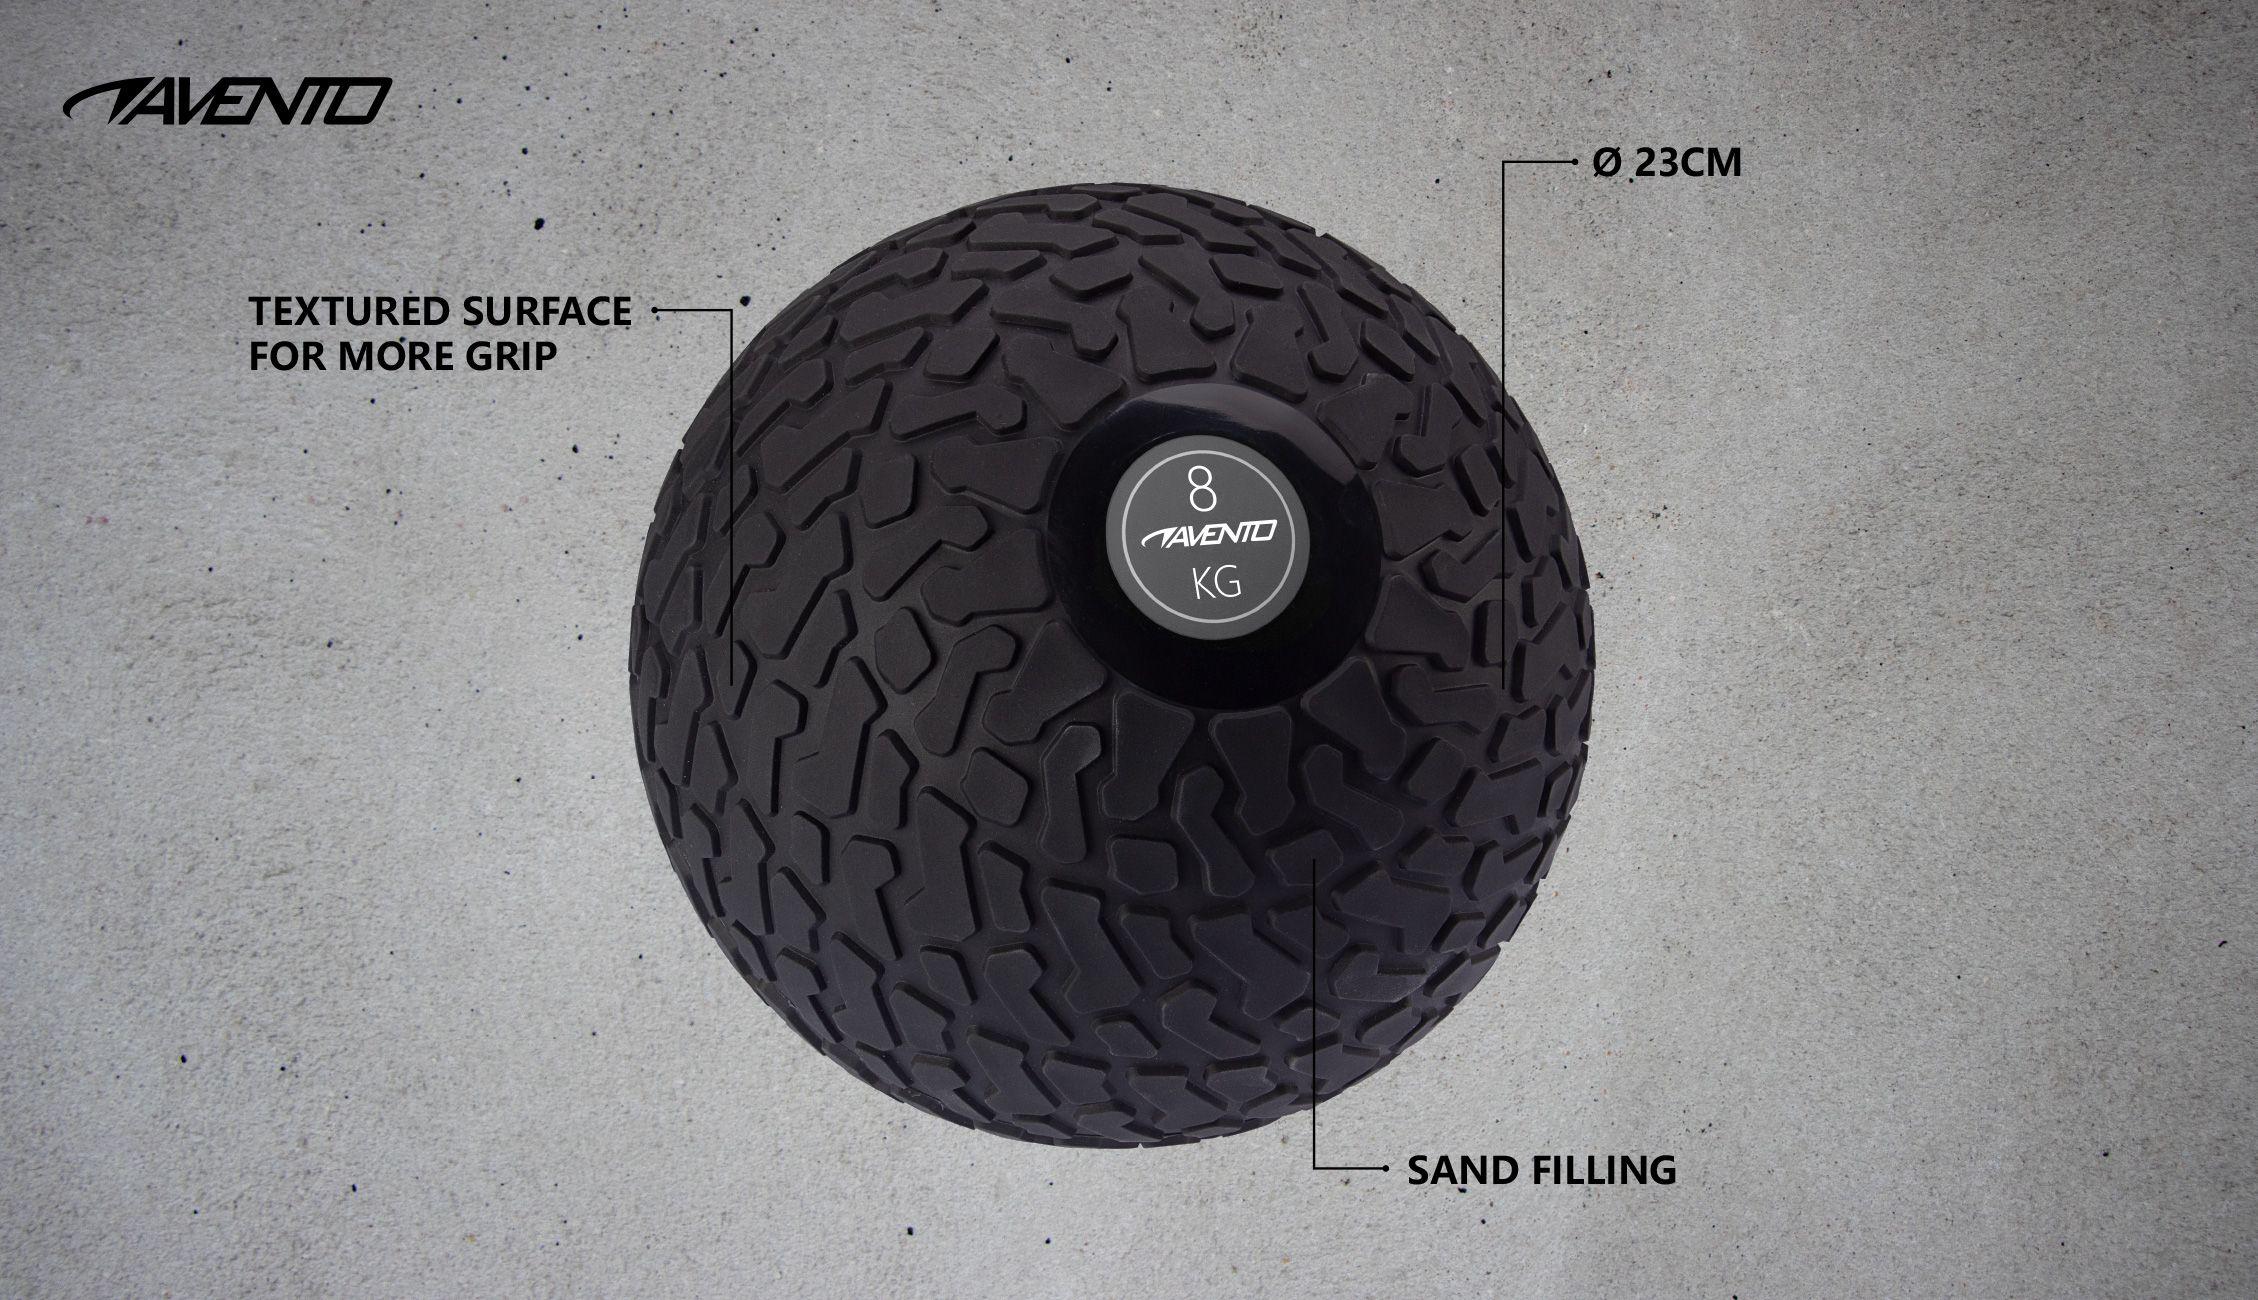 Minge Slam Ball Textured, 8 Kg